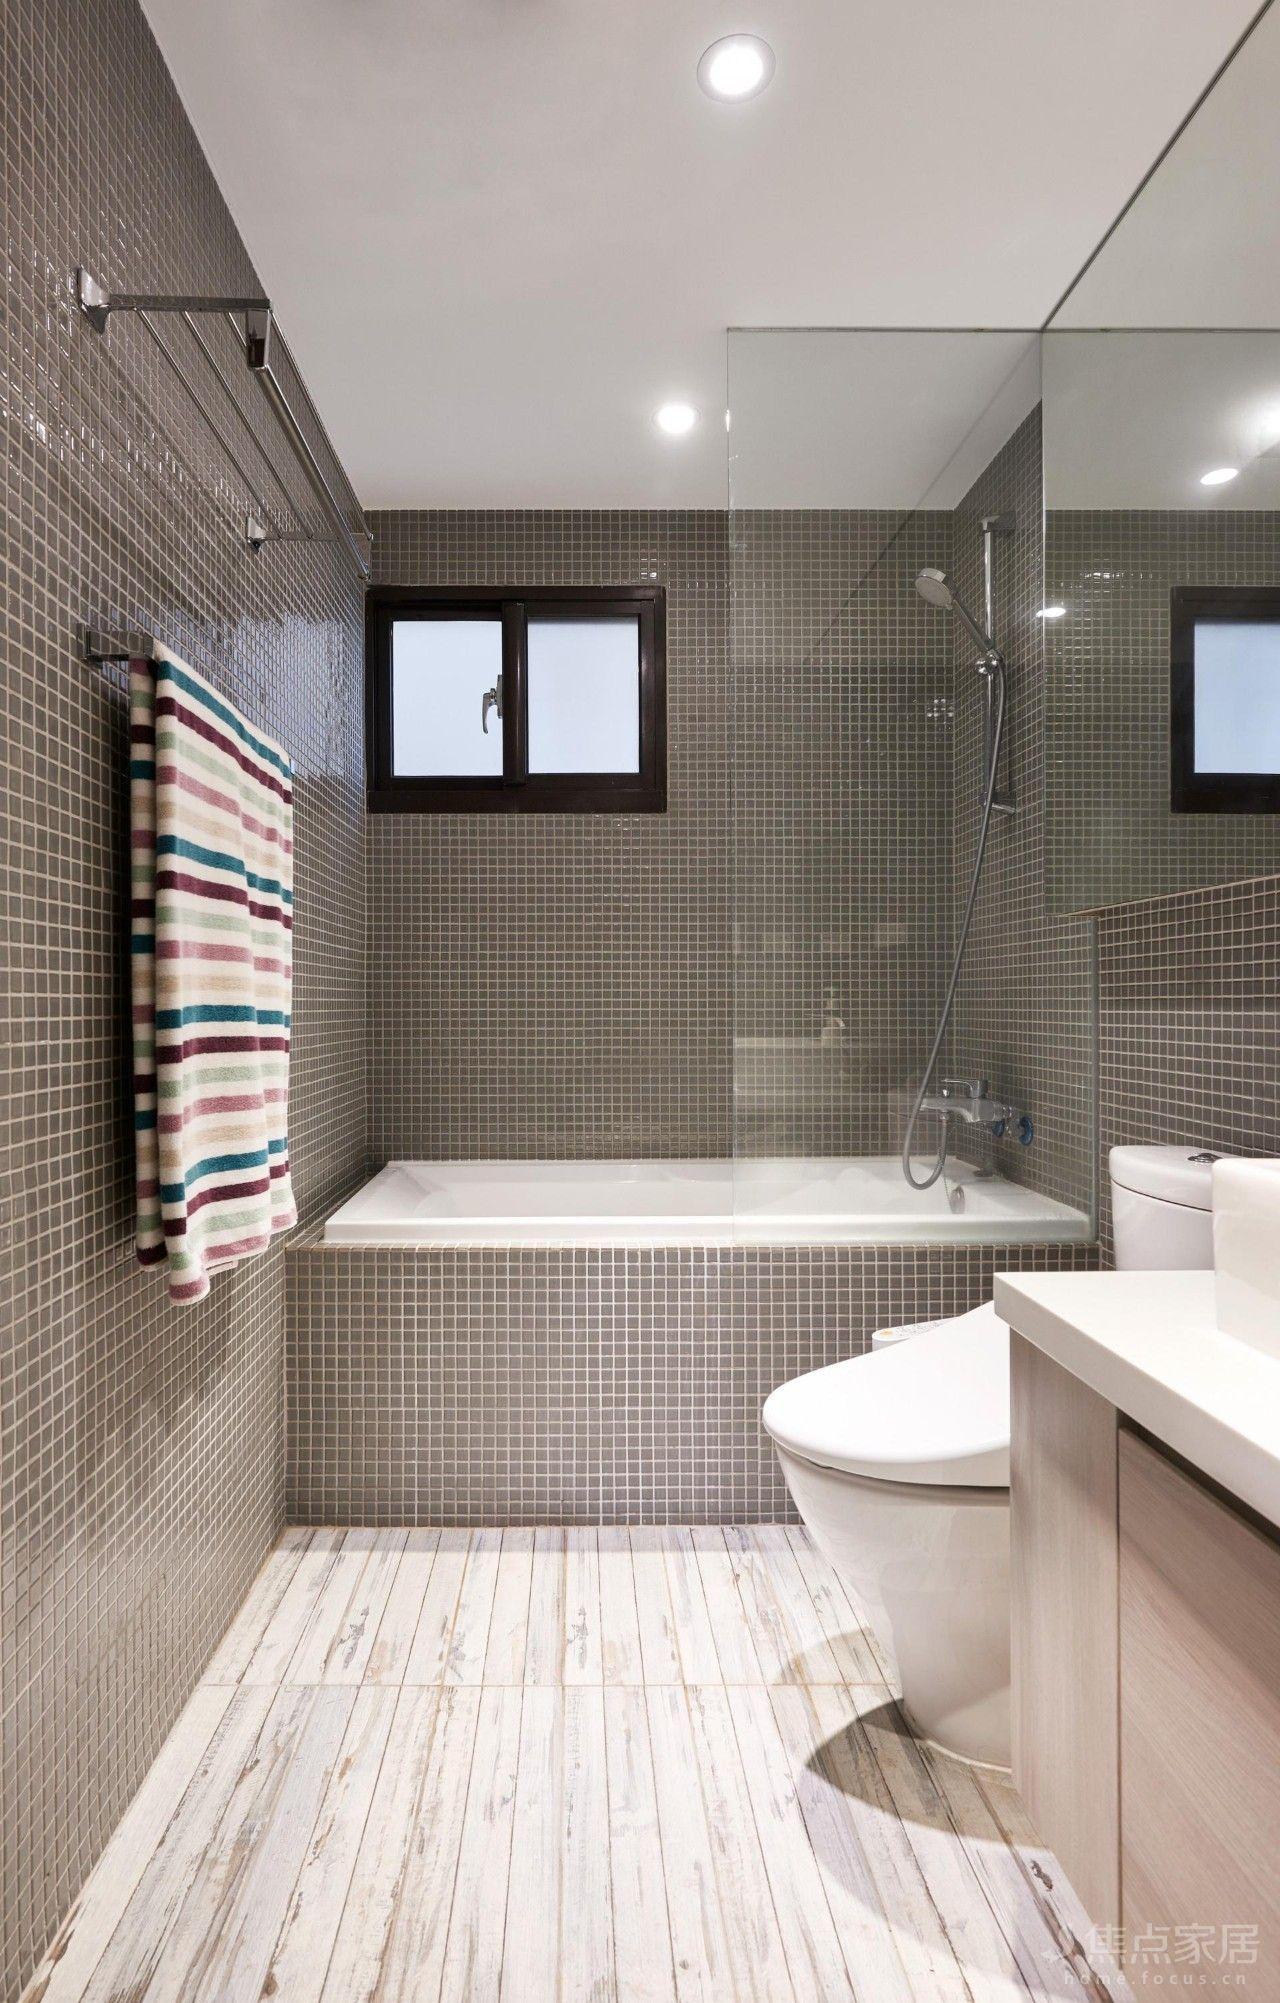 厕所 家居 设计 卫生间 卫生间装修 装修 1280_2003 竖版 竖屏